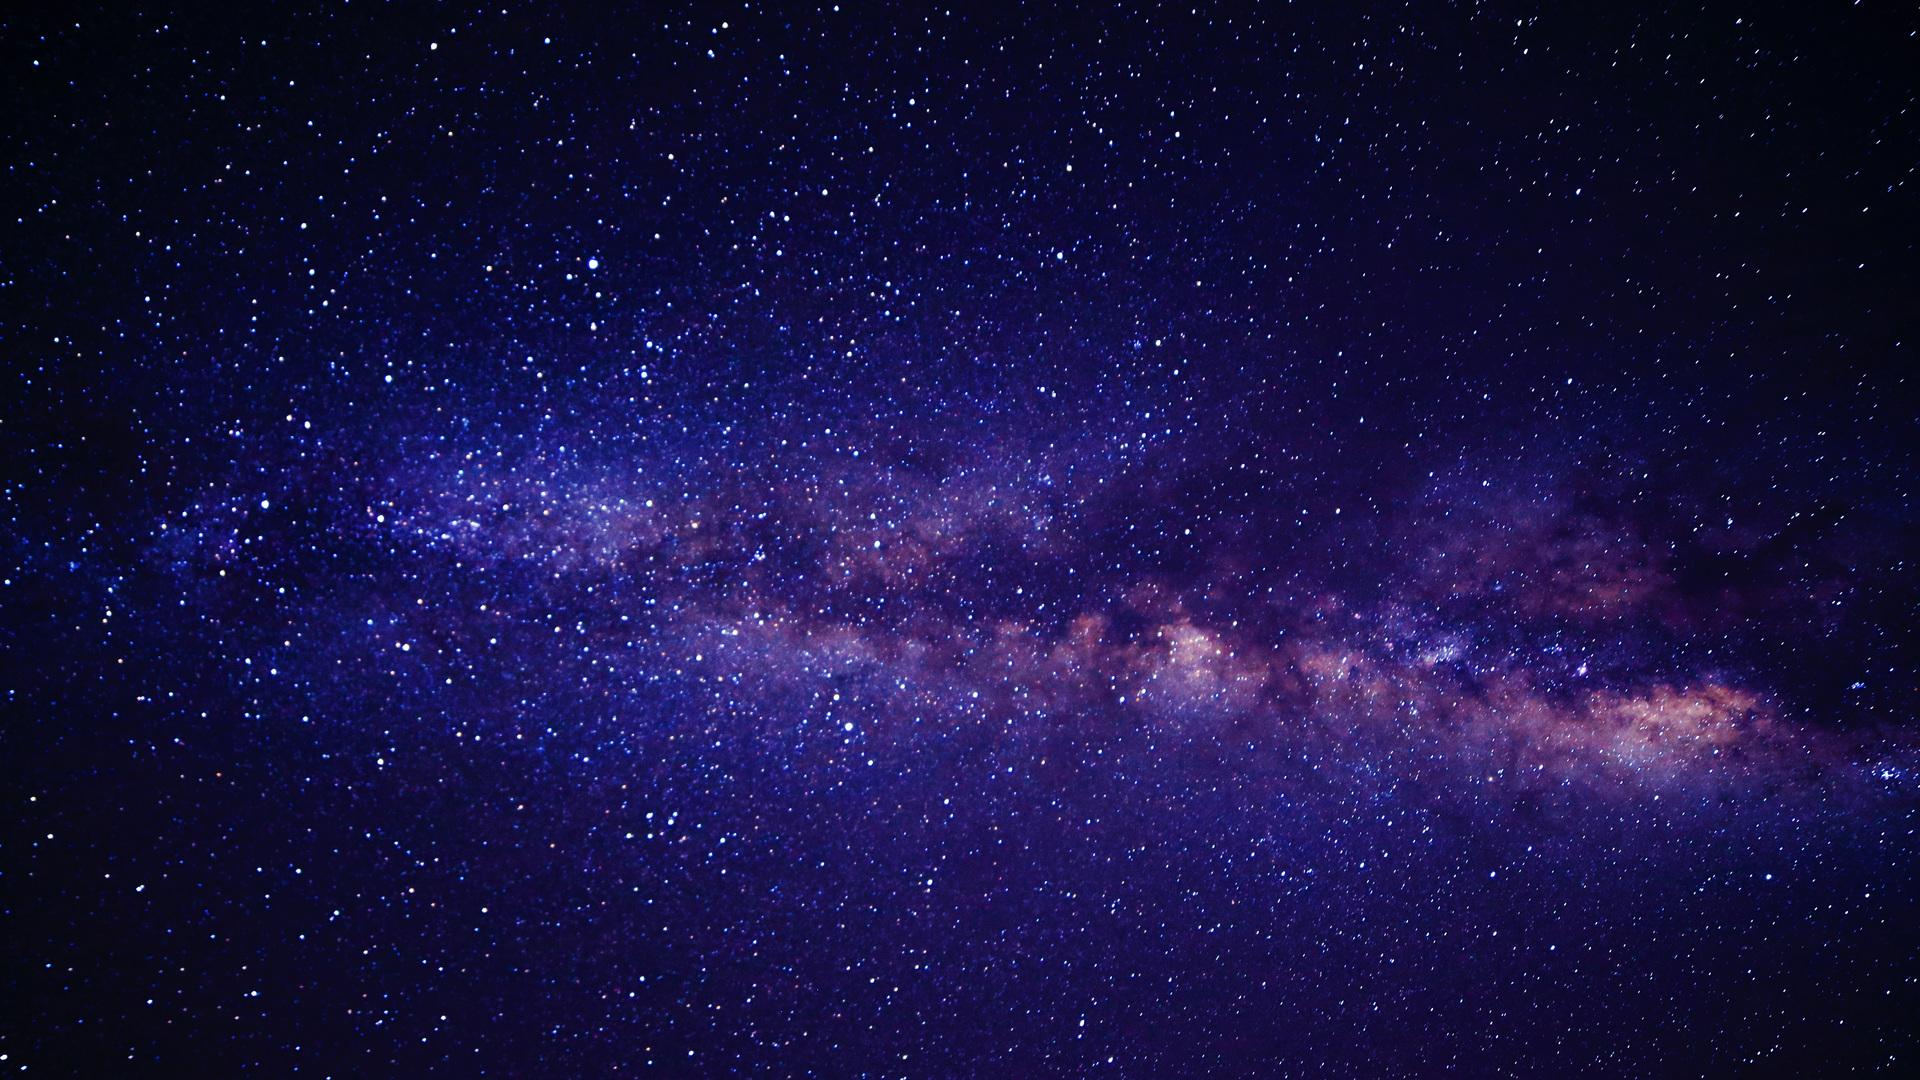 Full Hd Cute Love Wallpaper 1920x1080 Andromeda Galaxy Way Laptop Full Hd 1080p Hd 4k